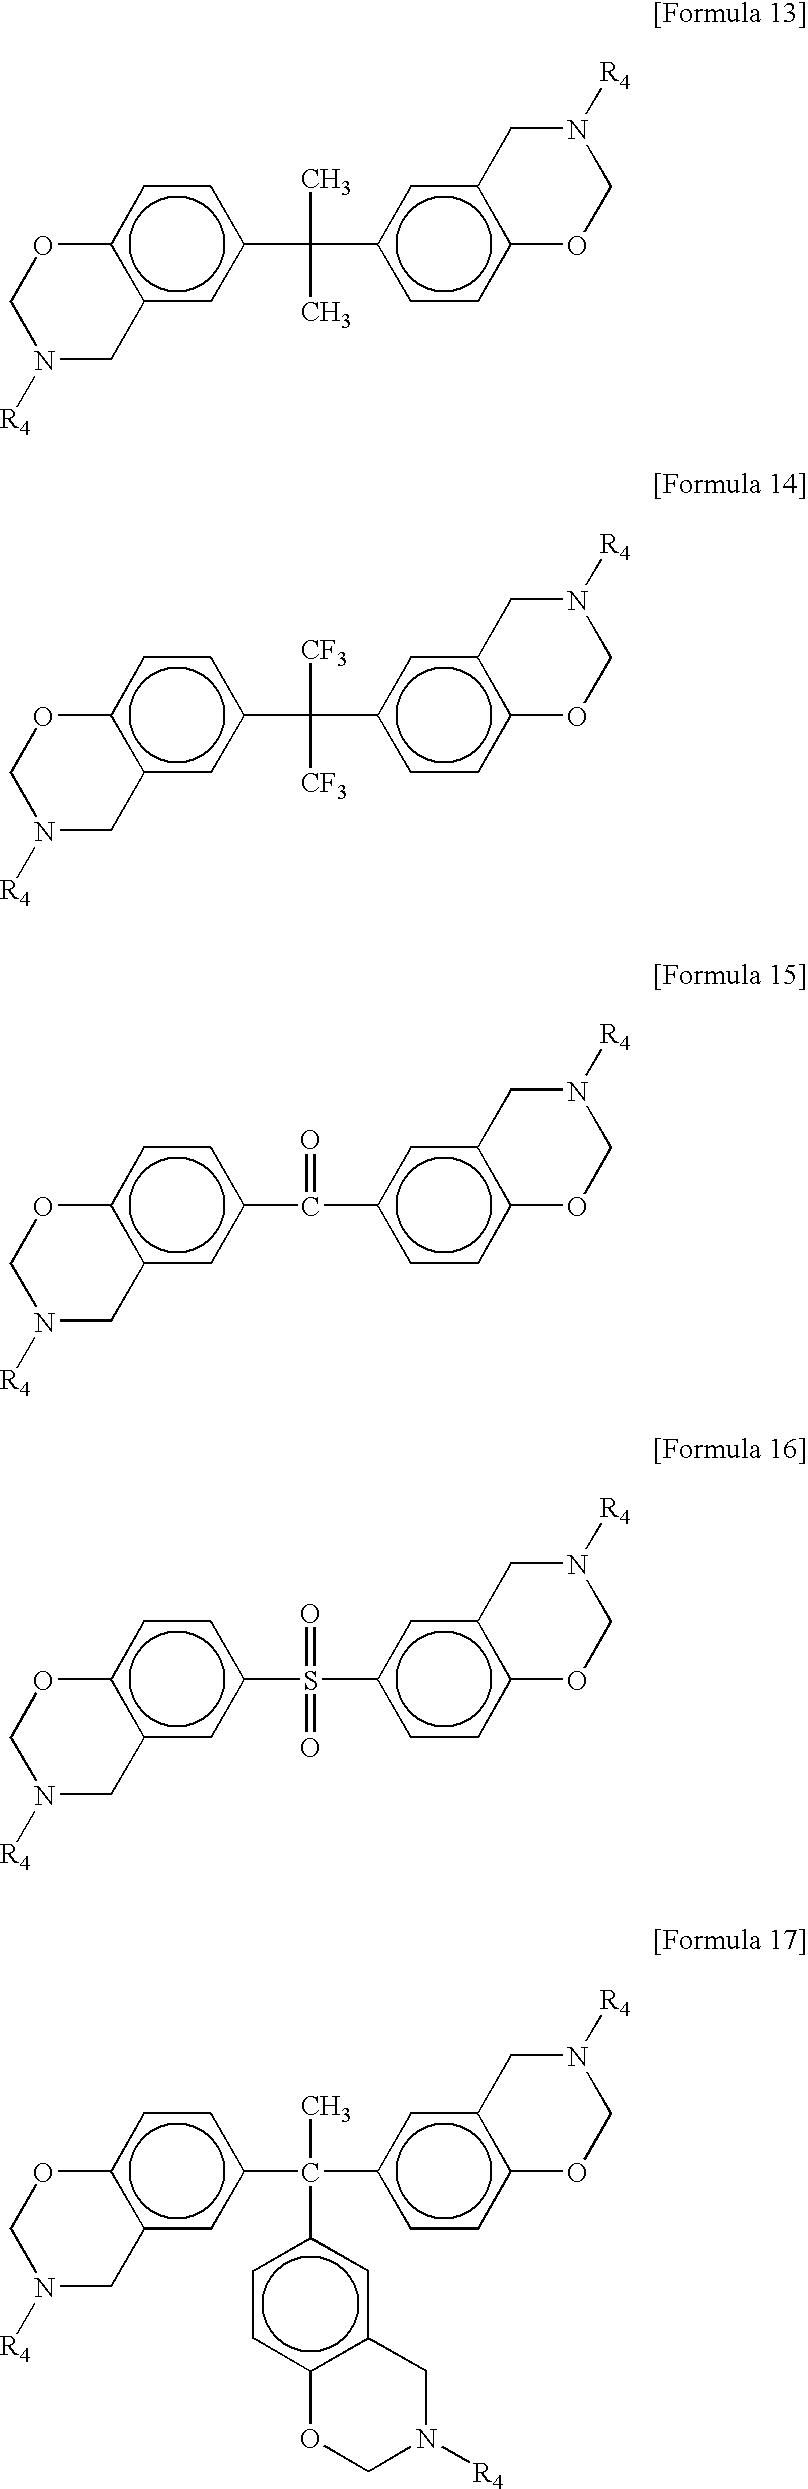 Figure US20070184323A1-20070809-C00021